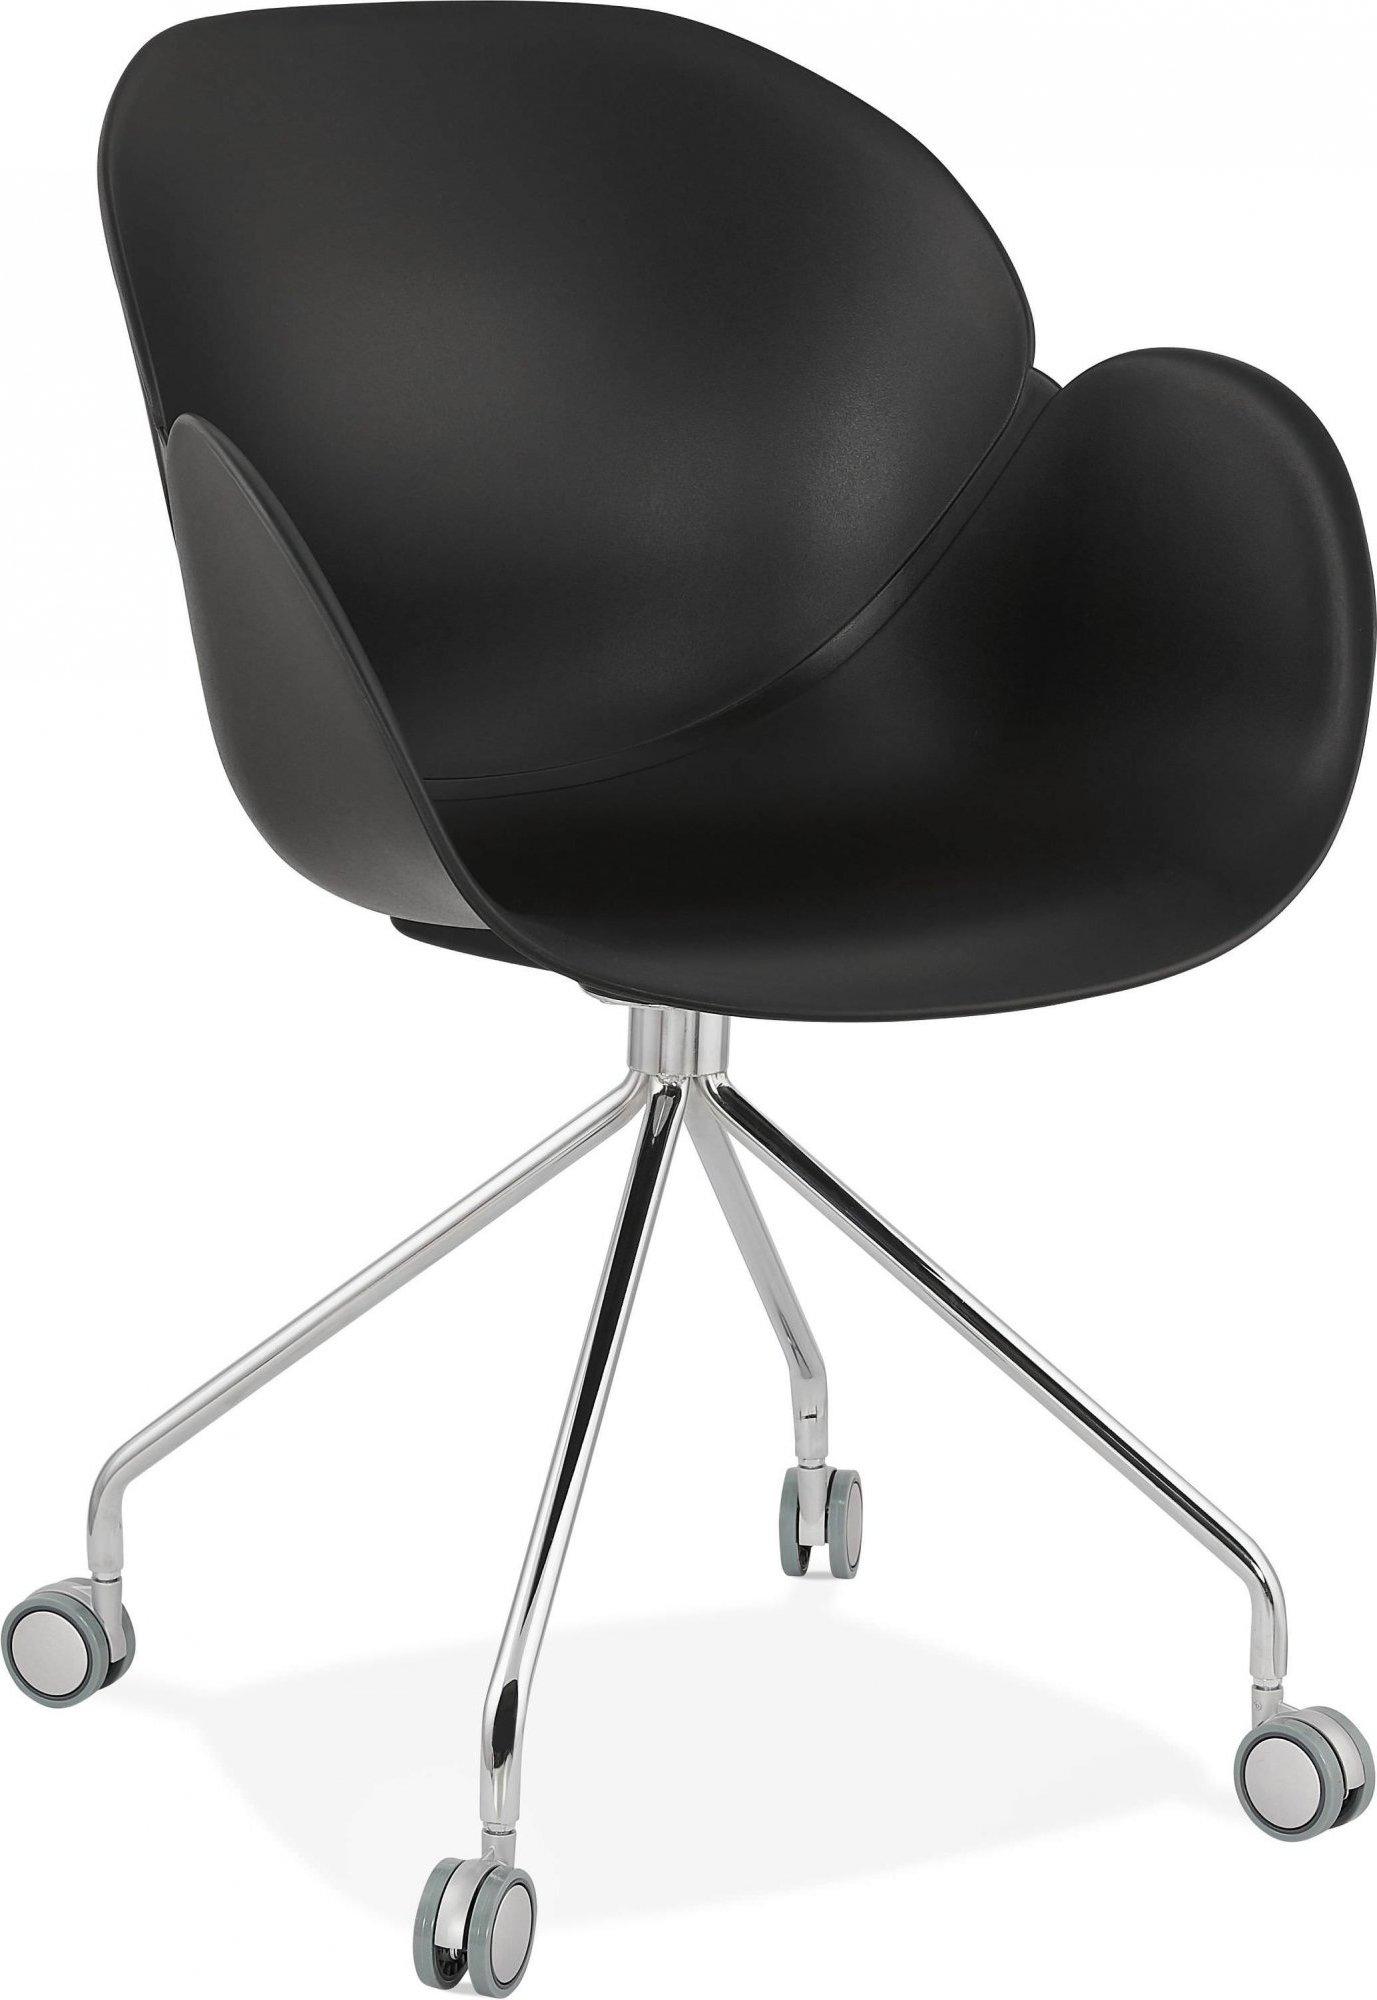 Fauteuil de bureau sur roulettes couleur noir pieds chromé